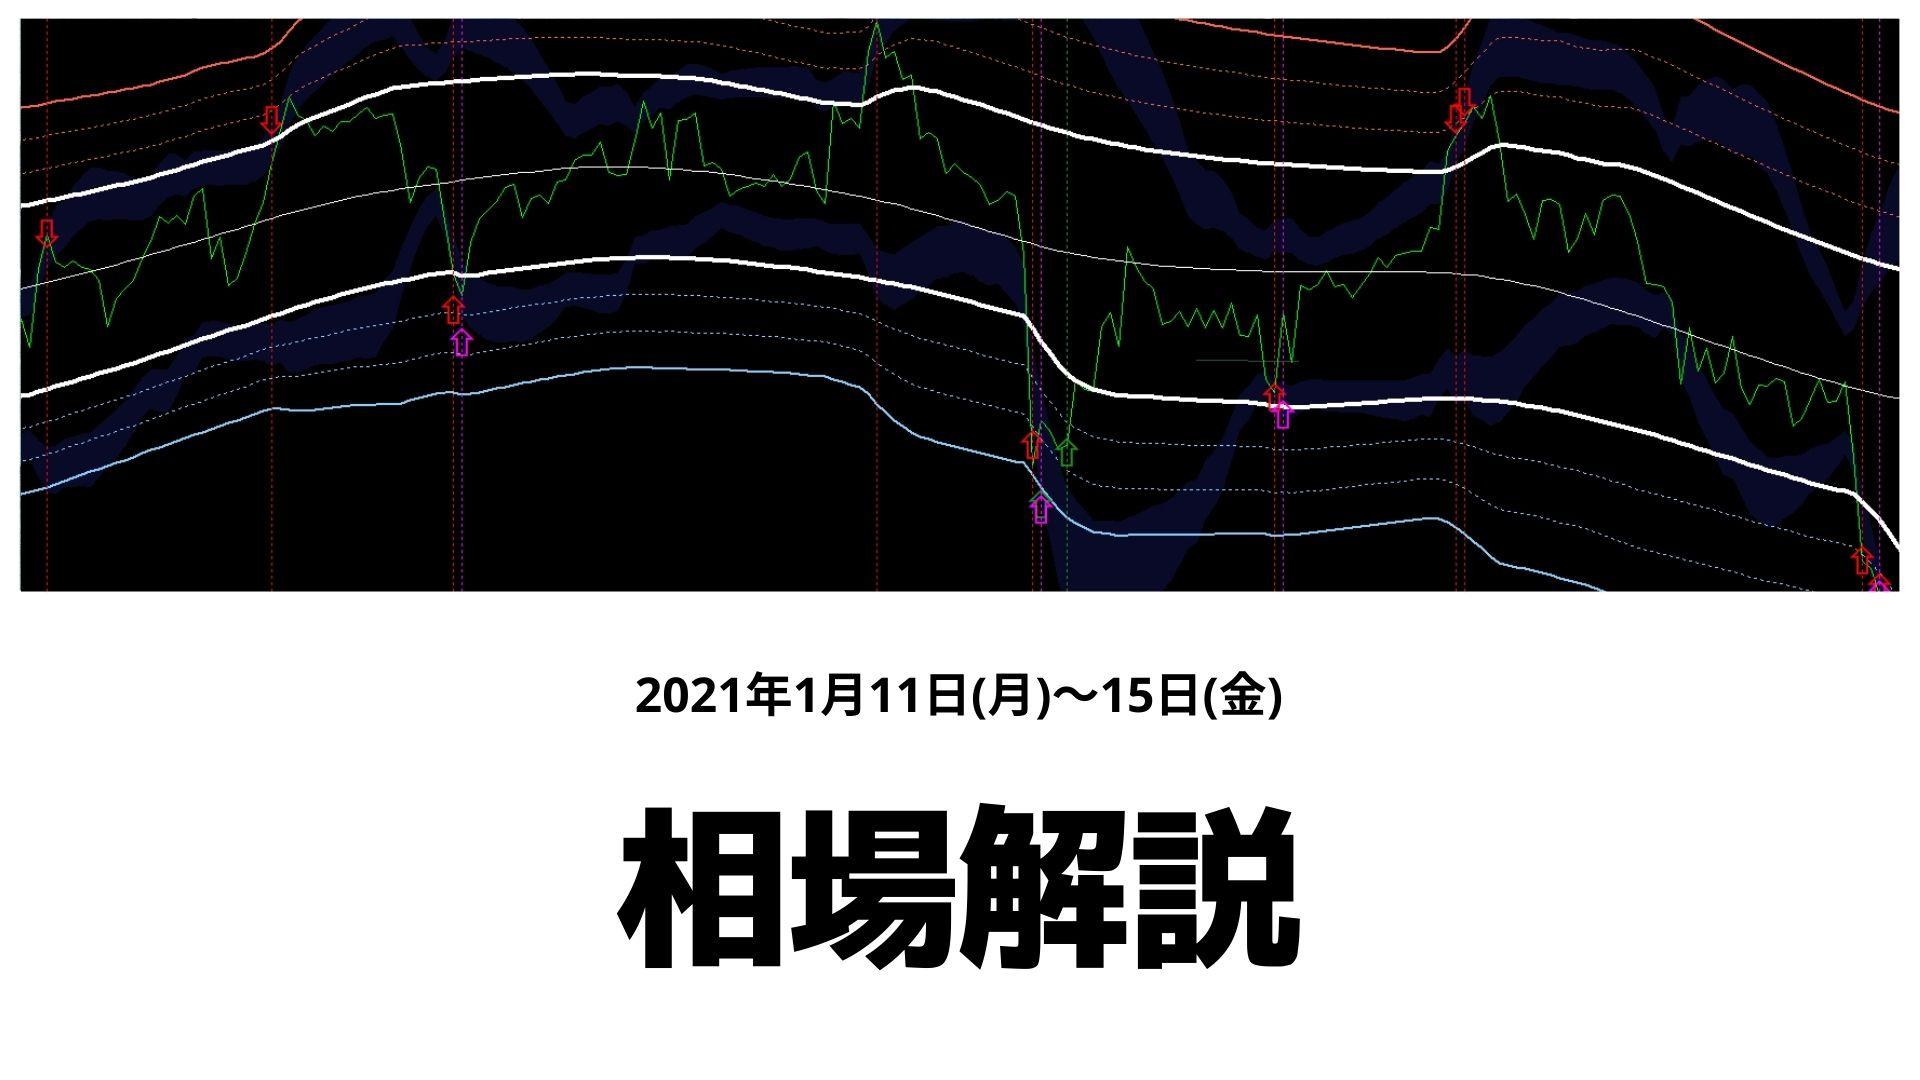 【相場解説】1/11(月)~15(金)